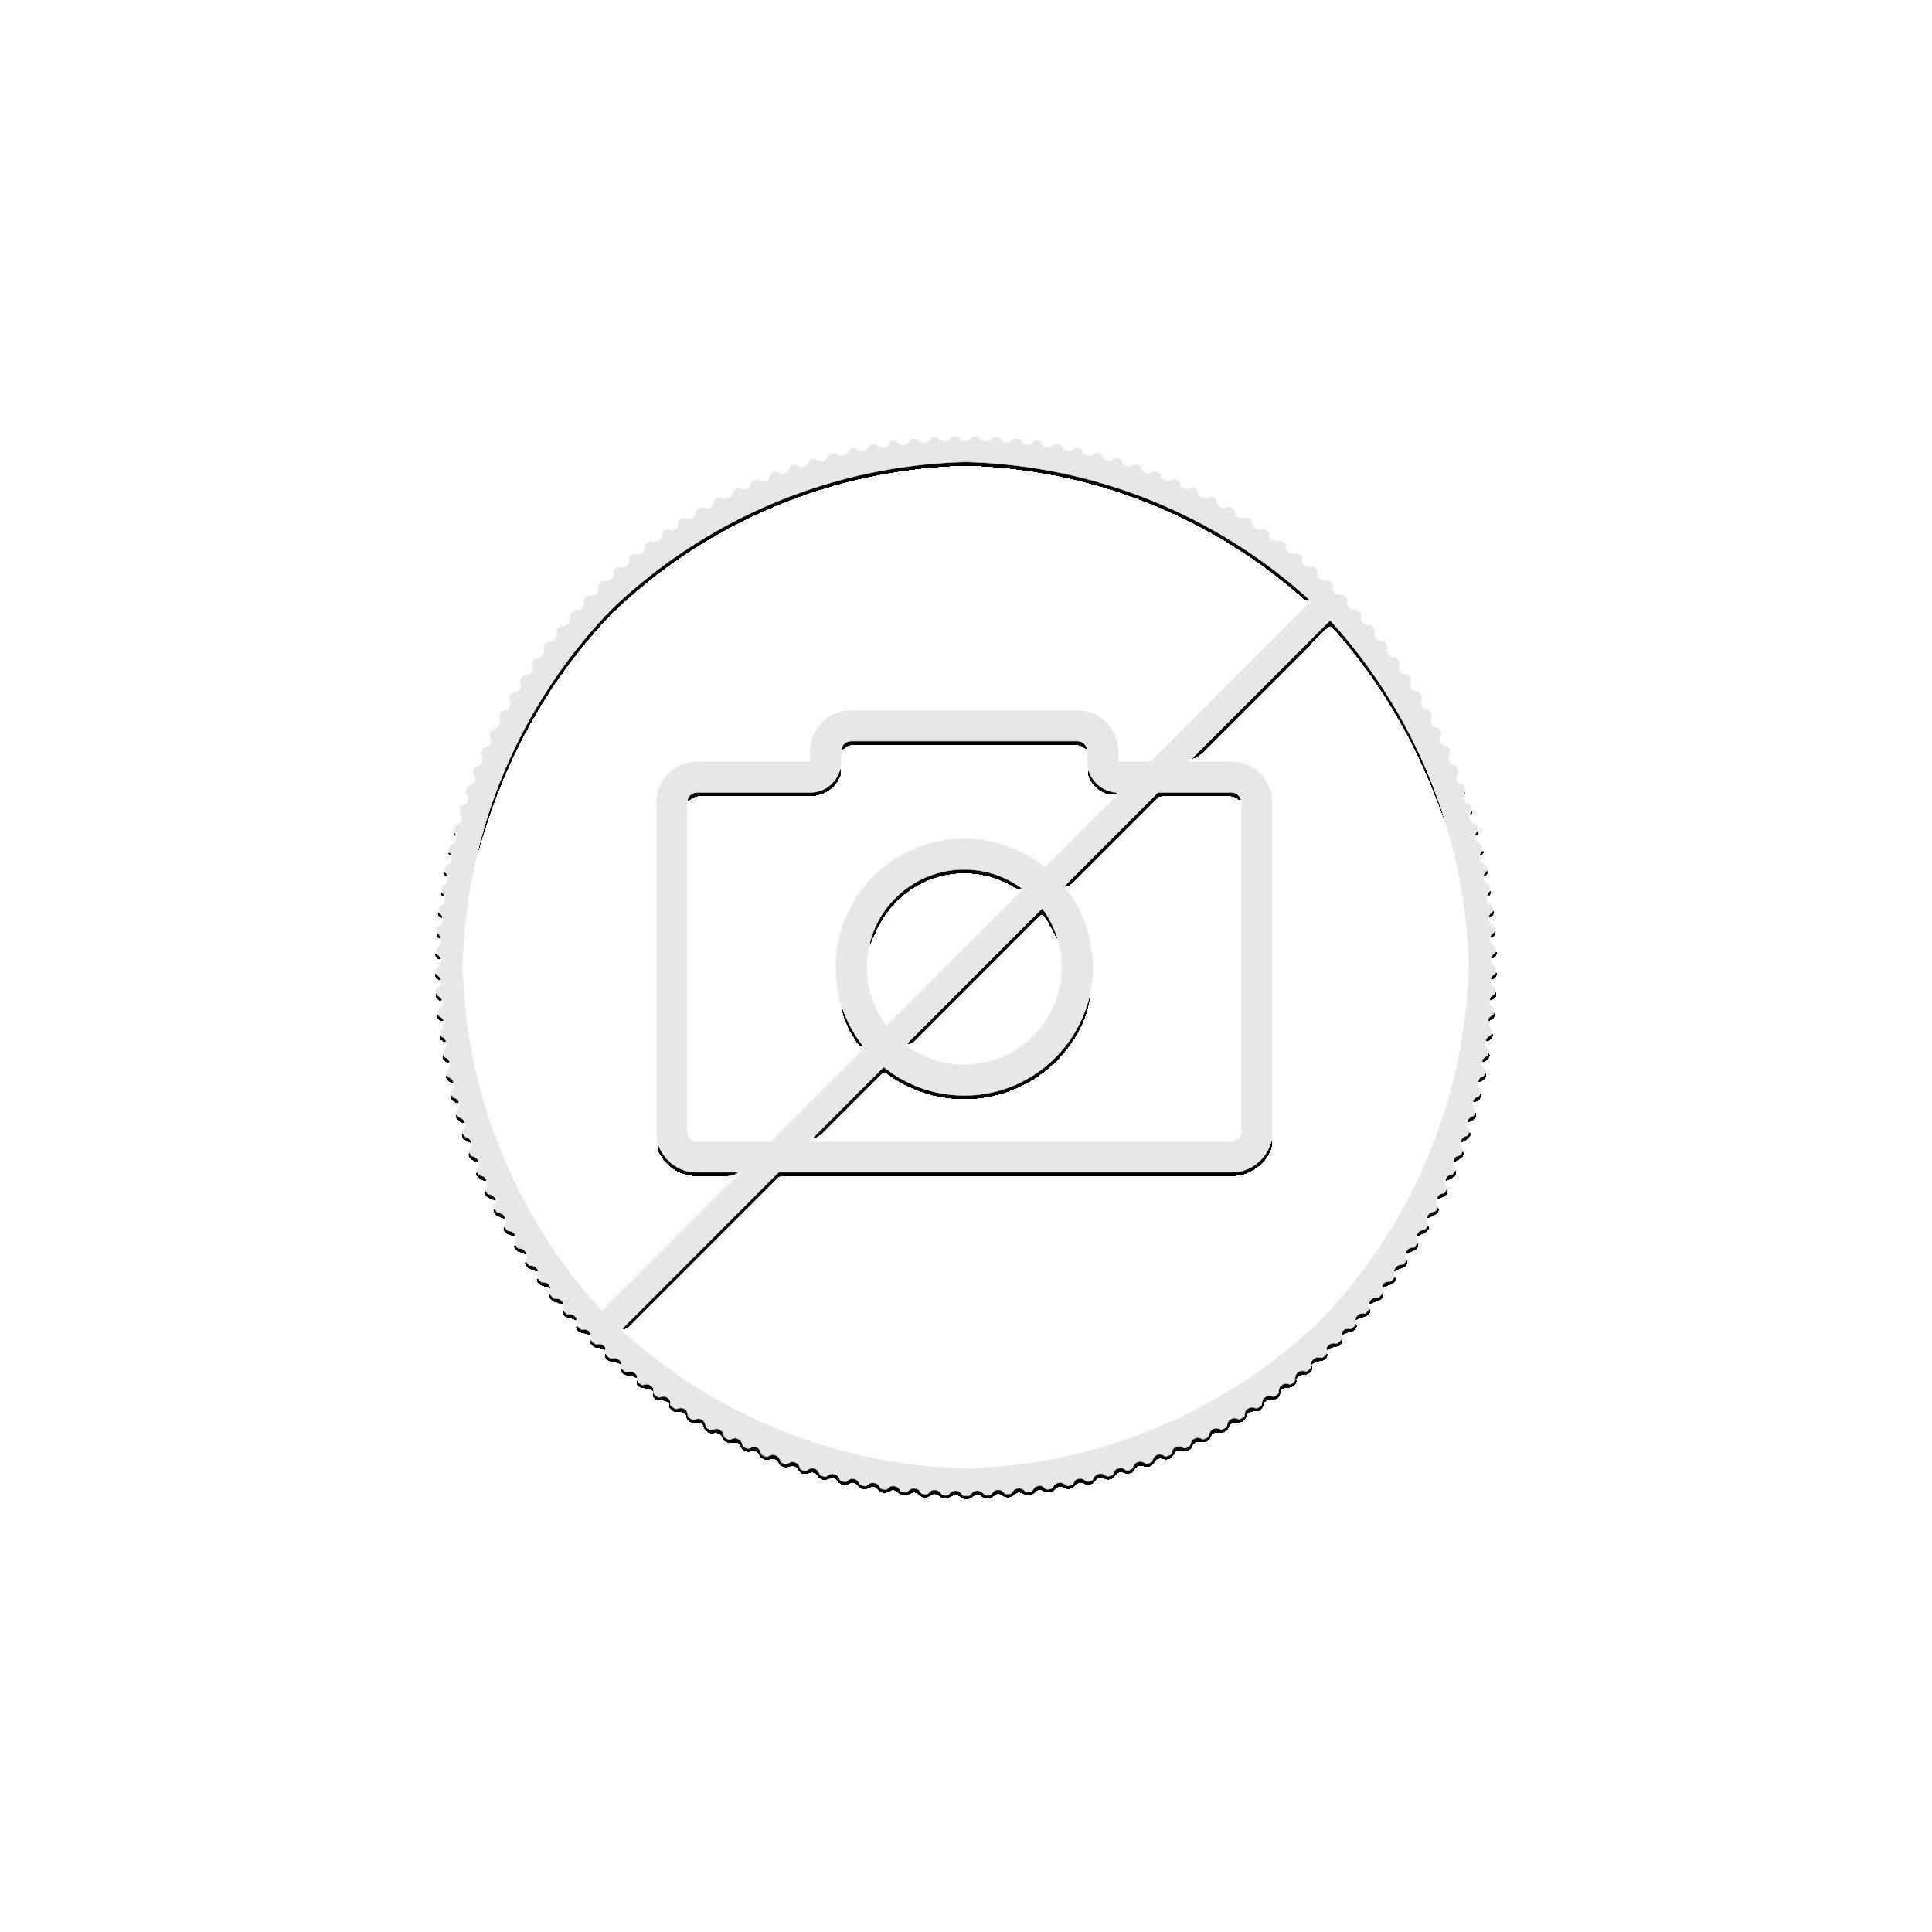 1 troy ounce goudbaar C. Hafner nugget